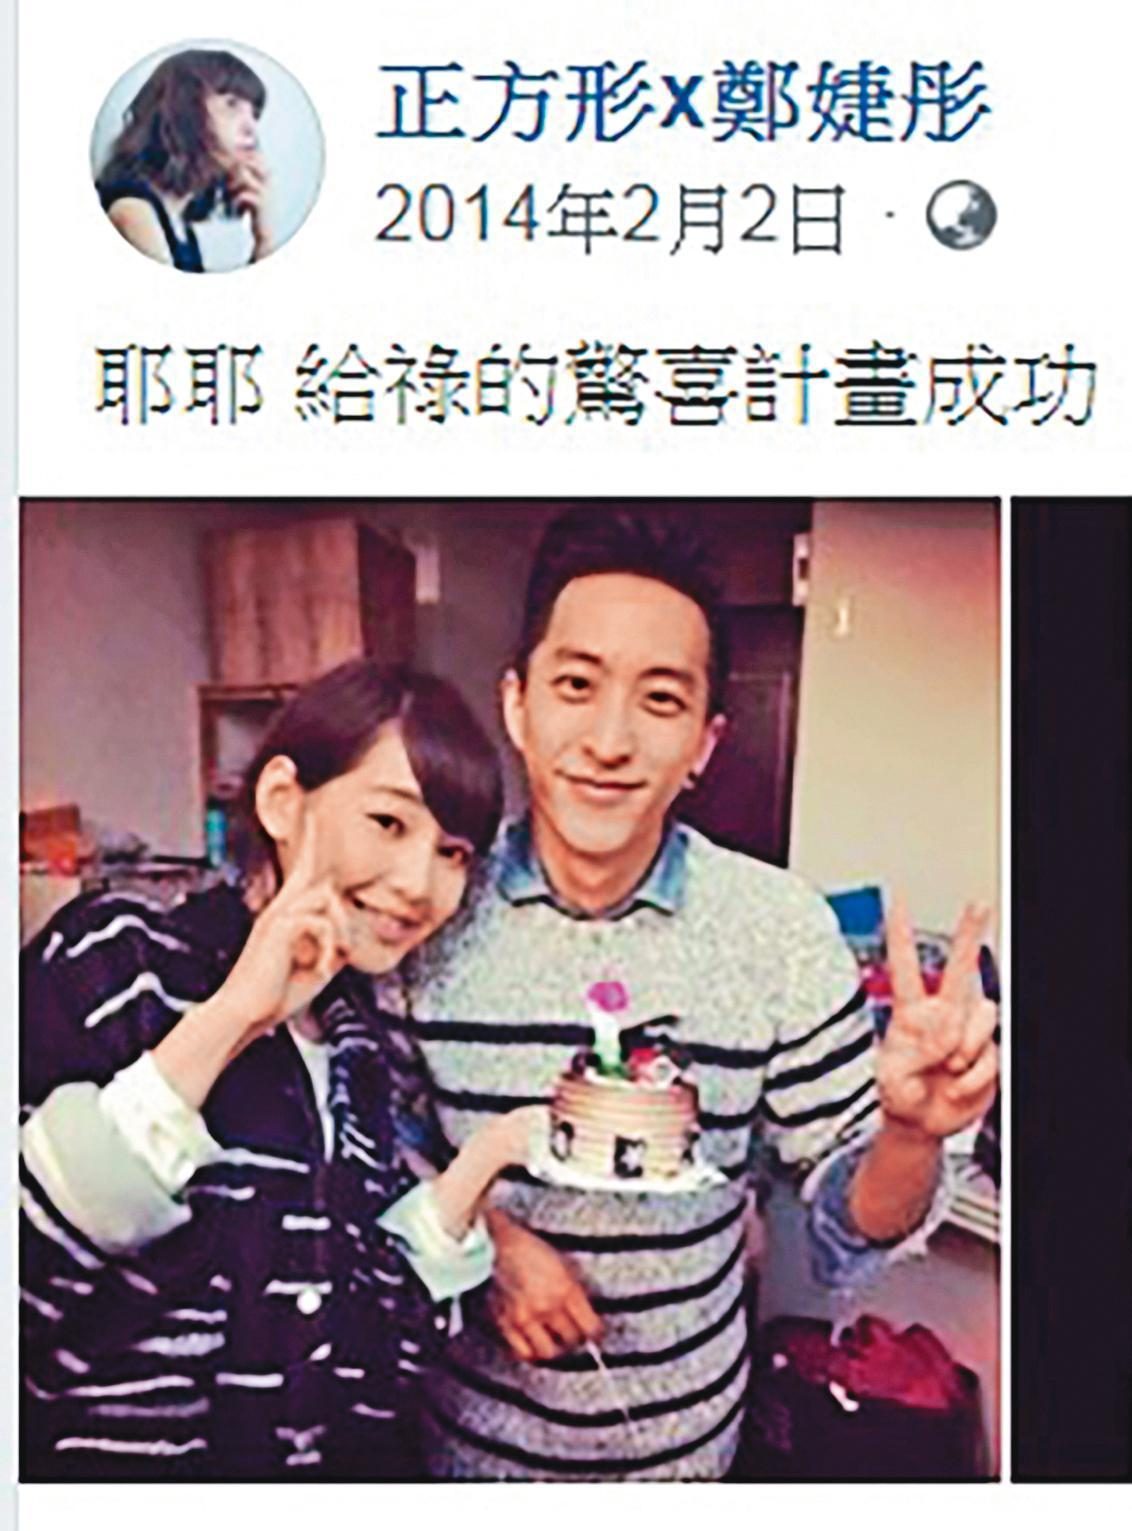 小祿(右)曾是鄭婕彤(左)的前男友,兩人身影依舊存在網上;鄭婕彤曾給小祿驚喜,並上傳一系列親暱合照。(翻攝自鄭婕彤臉書)